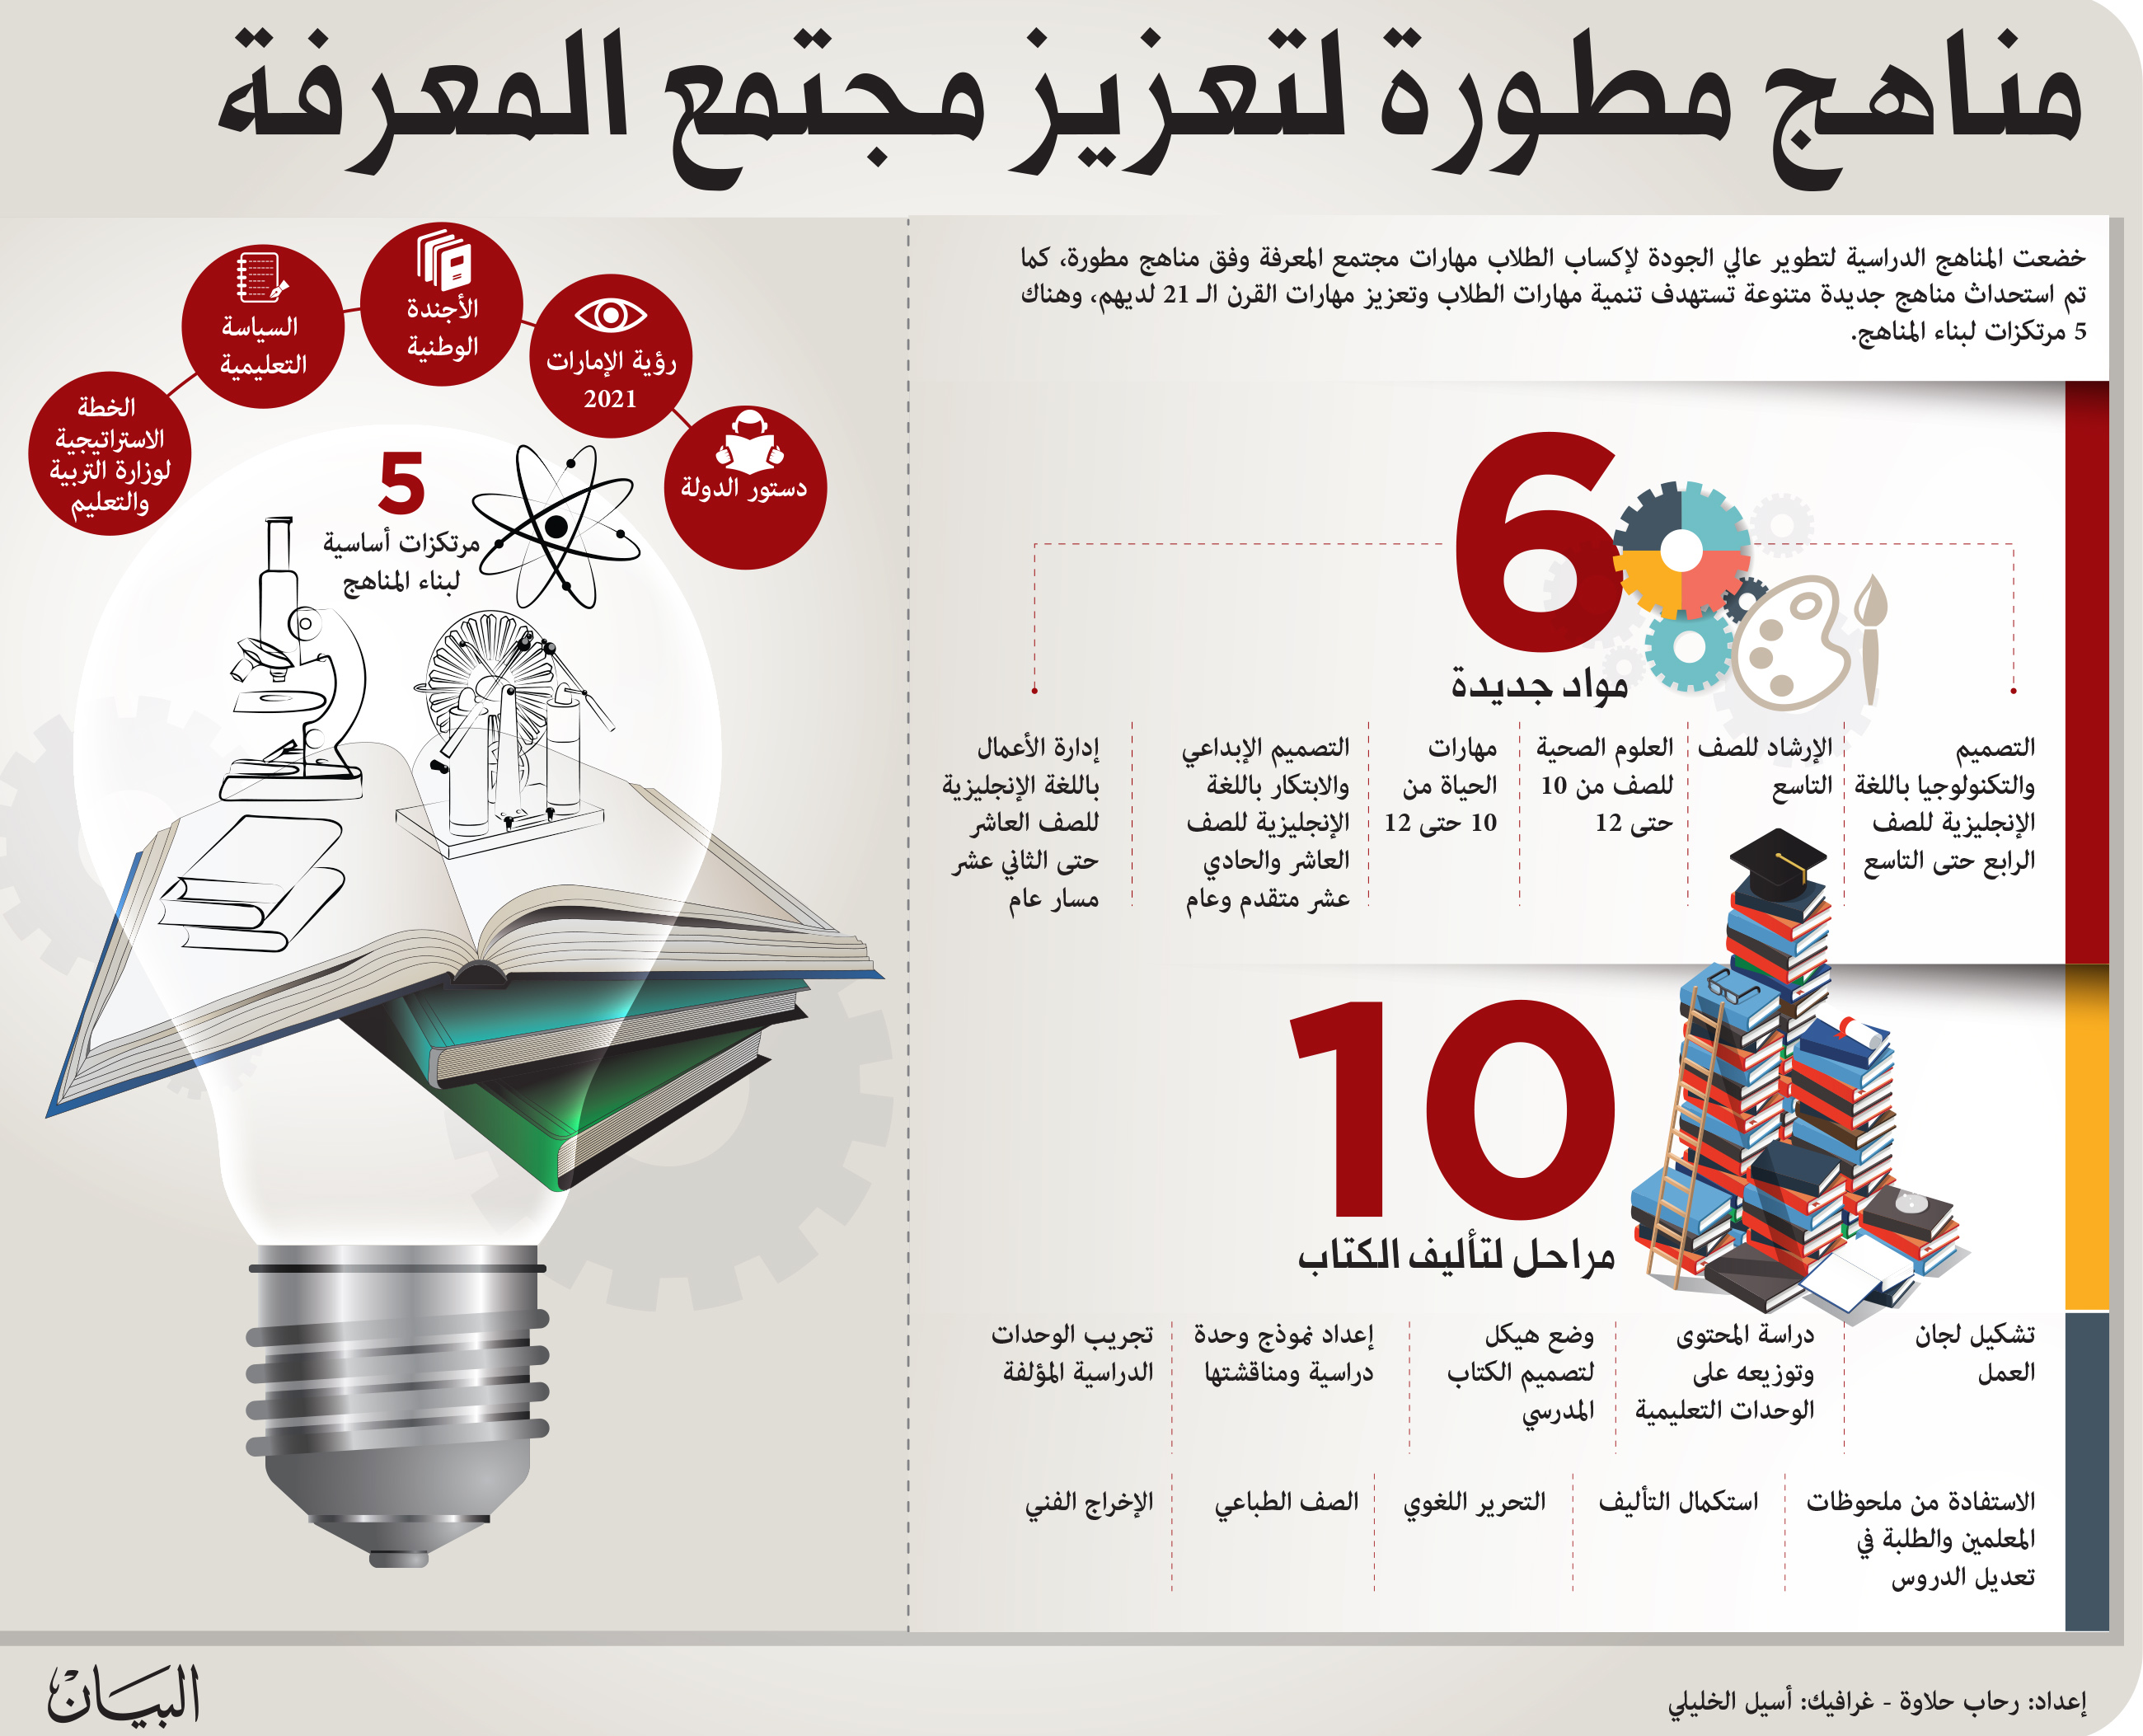 كثافة المناهج تطيح بأحلام الطلبة في المعـدلات المرتفعة عبر الإمارات تعليم البيان